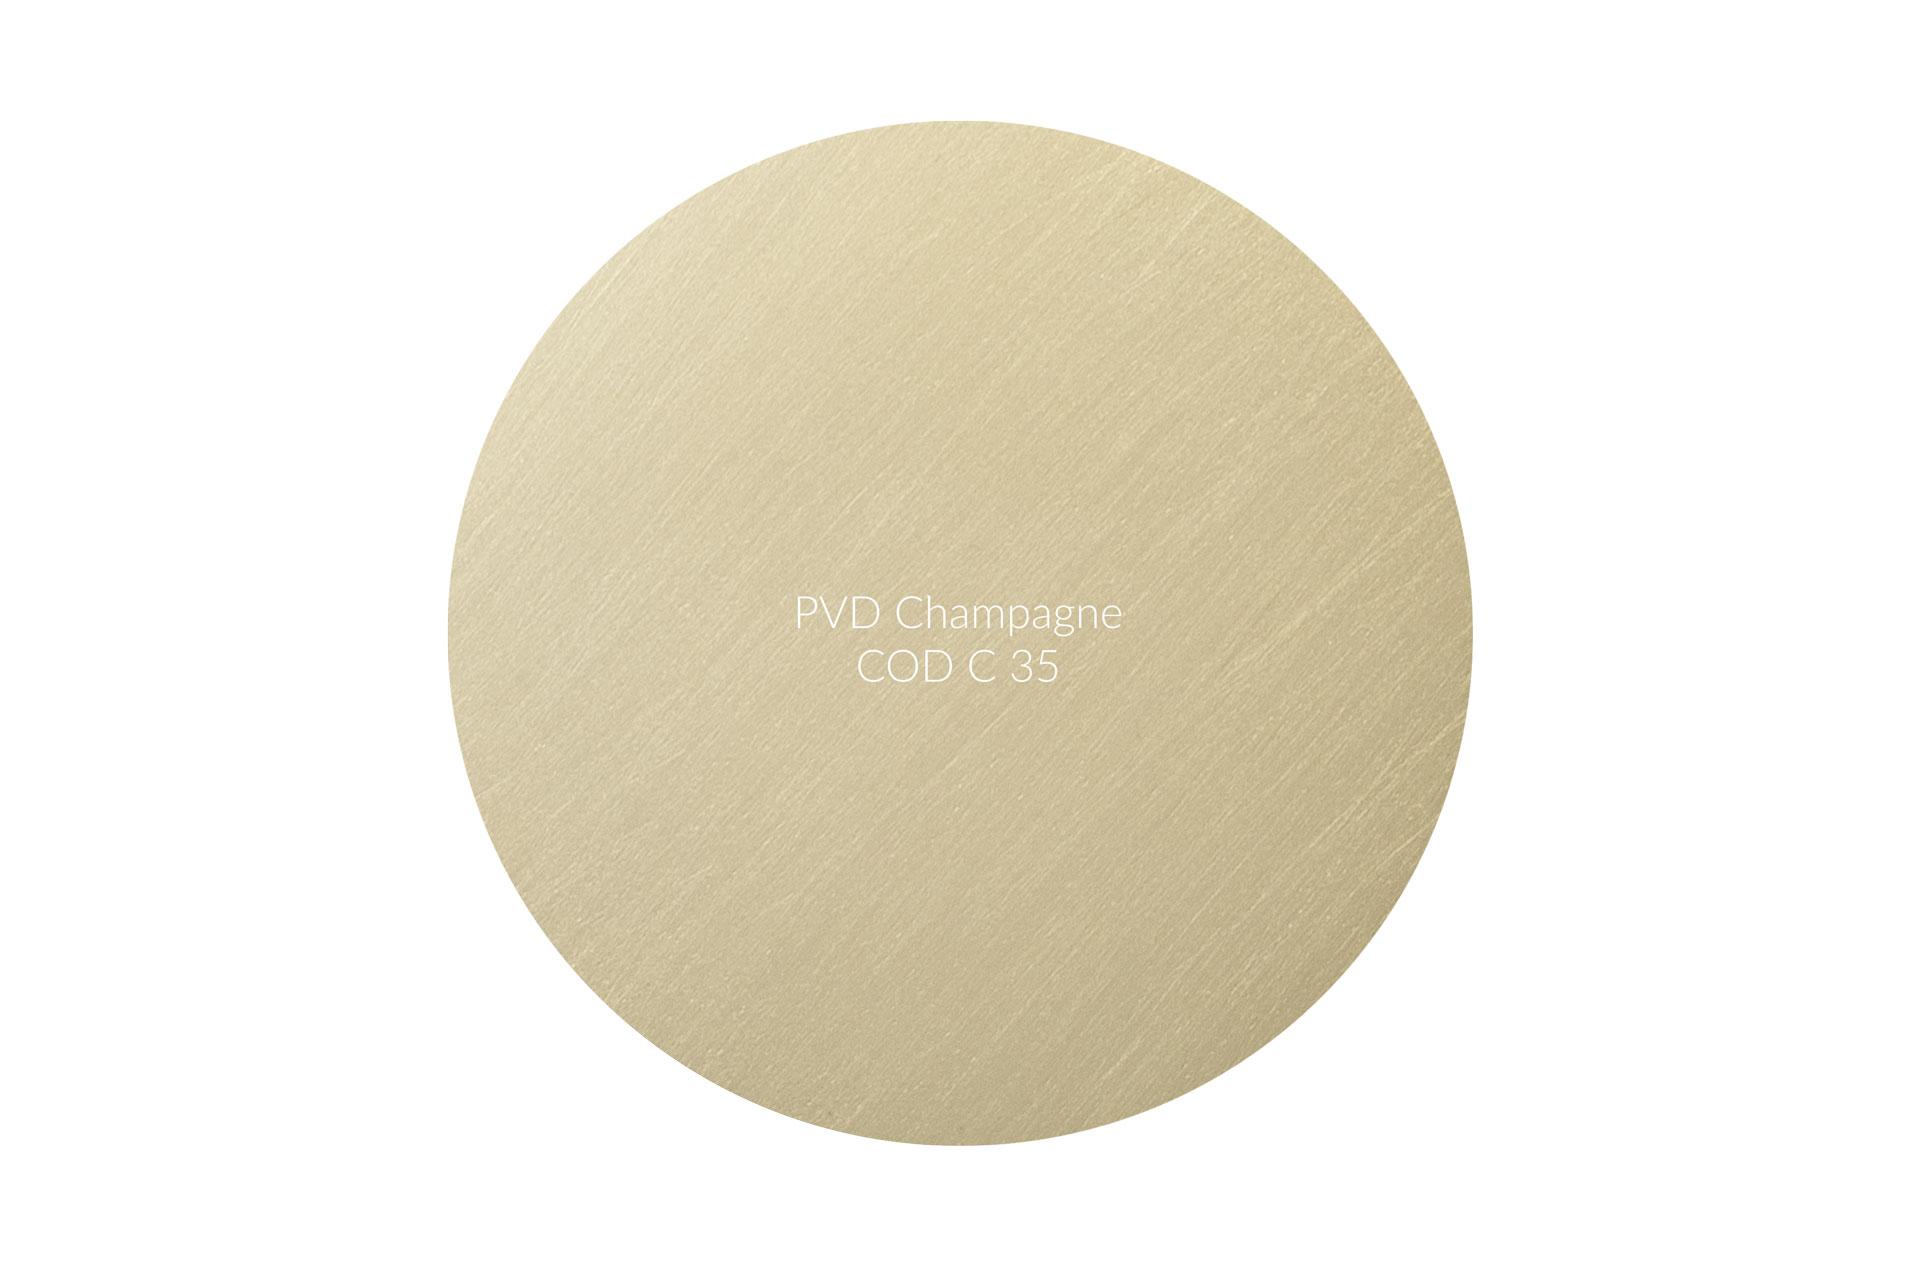 Dischetto PVD champagne cod C 35 graffiato